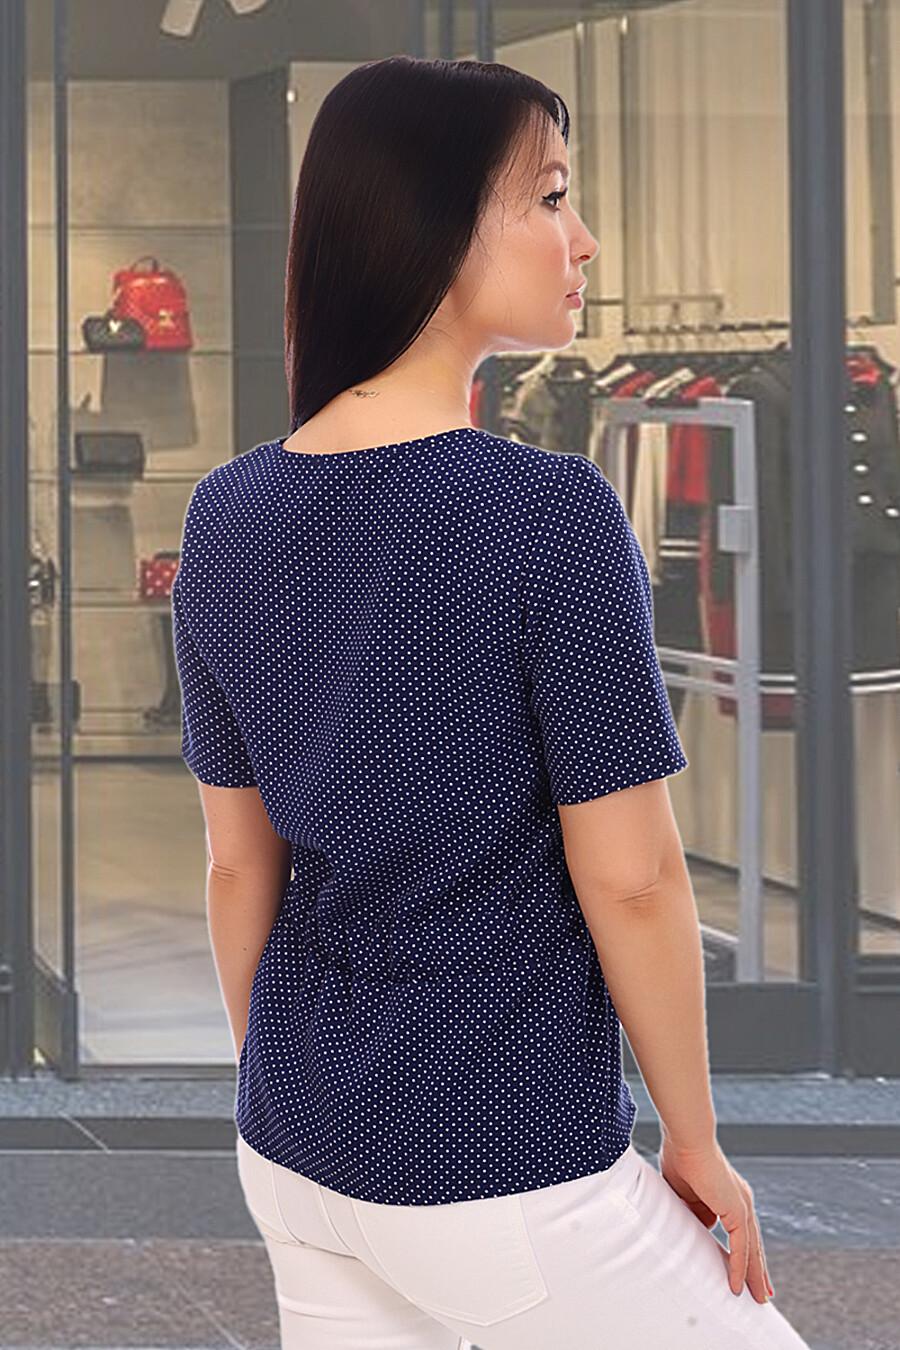 Футболка 2662 для женщин НАТАЛИ 288401 купить оптом от производителя. Совместная покупка женской одежды в OptMoyo